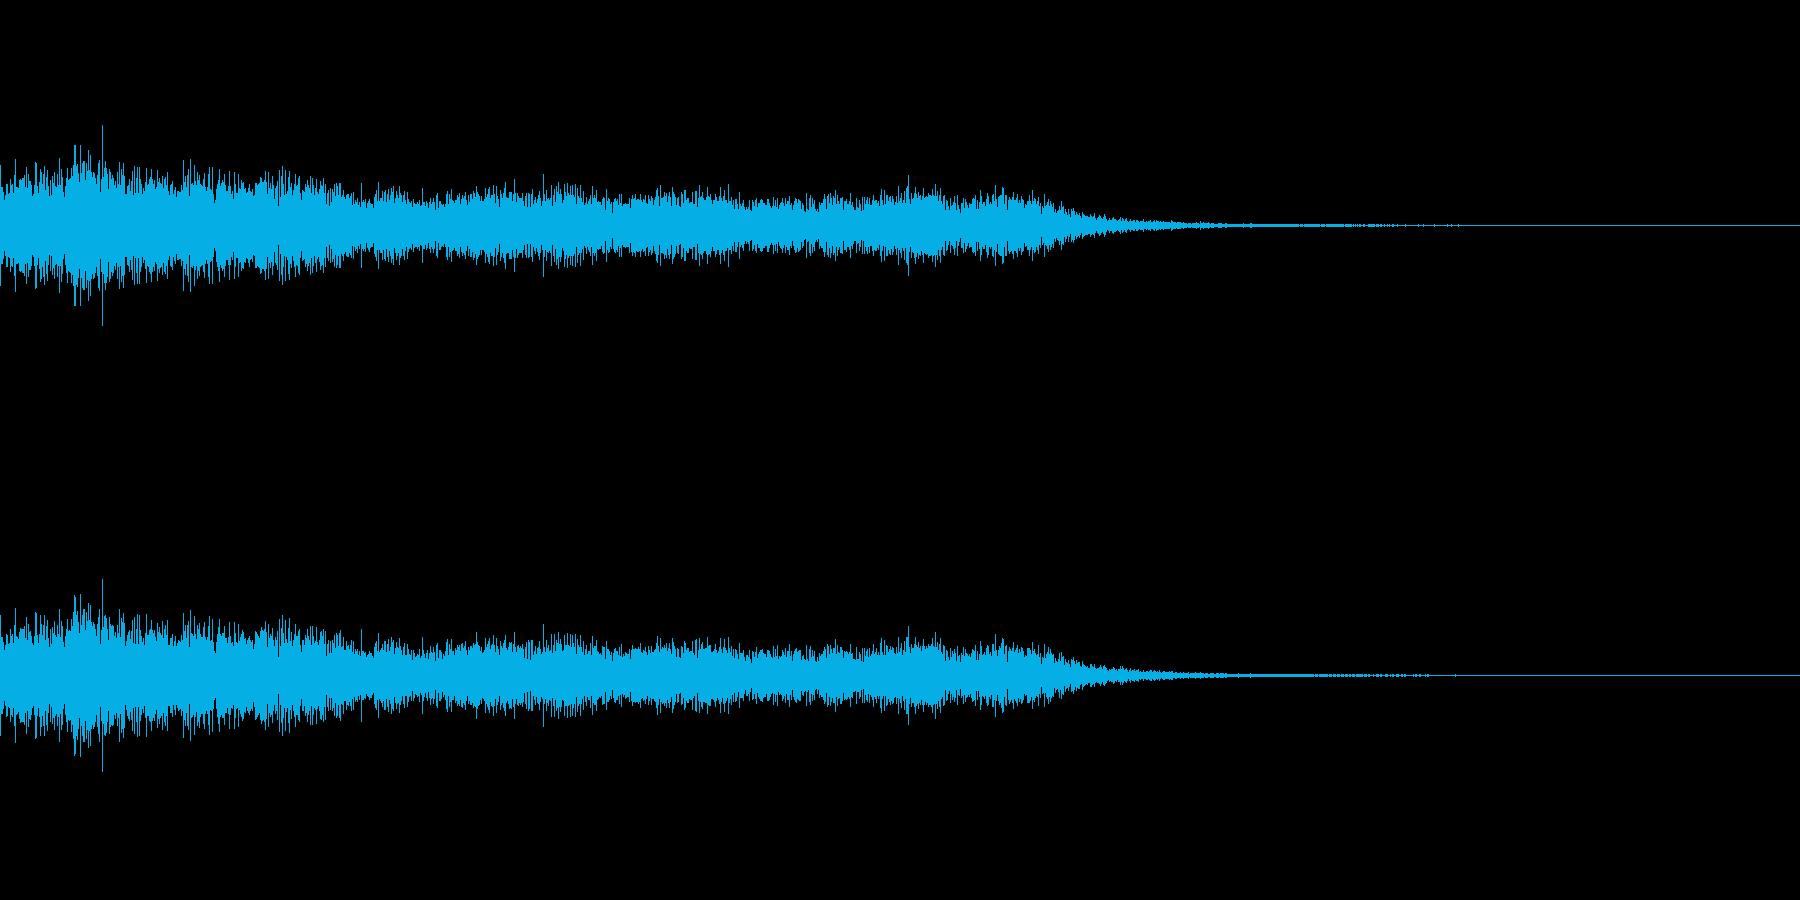 ショック/衝撃/オーケストラヒット/1の再生済みの波形